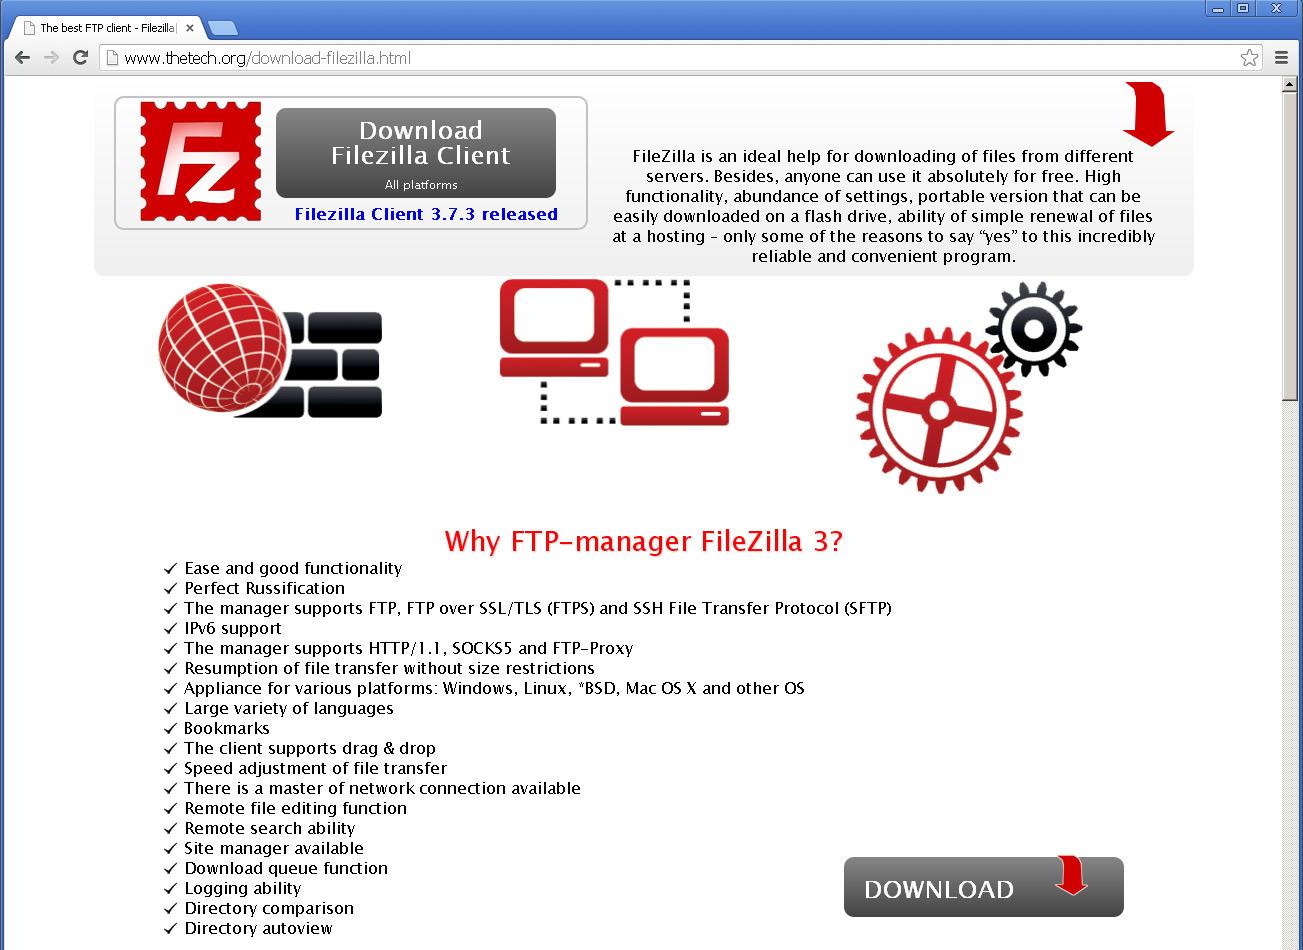 Gefälschte Filezilla-Clients im Umlauf – so erkennen Sie ihn!